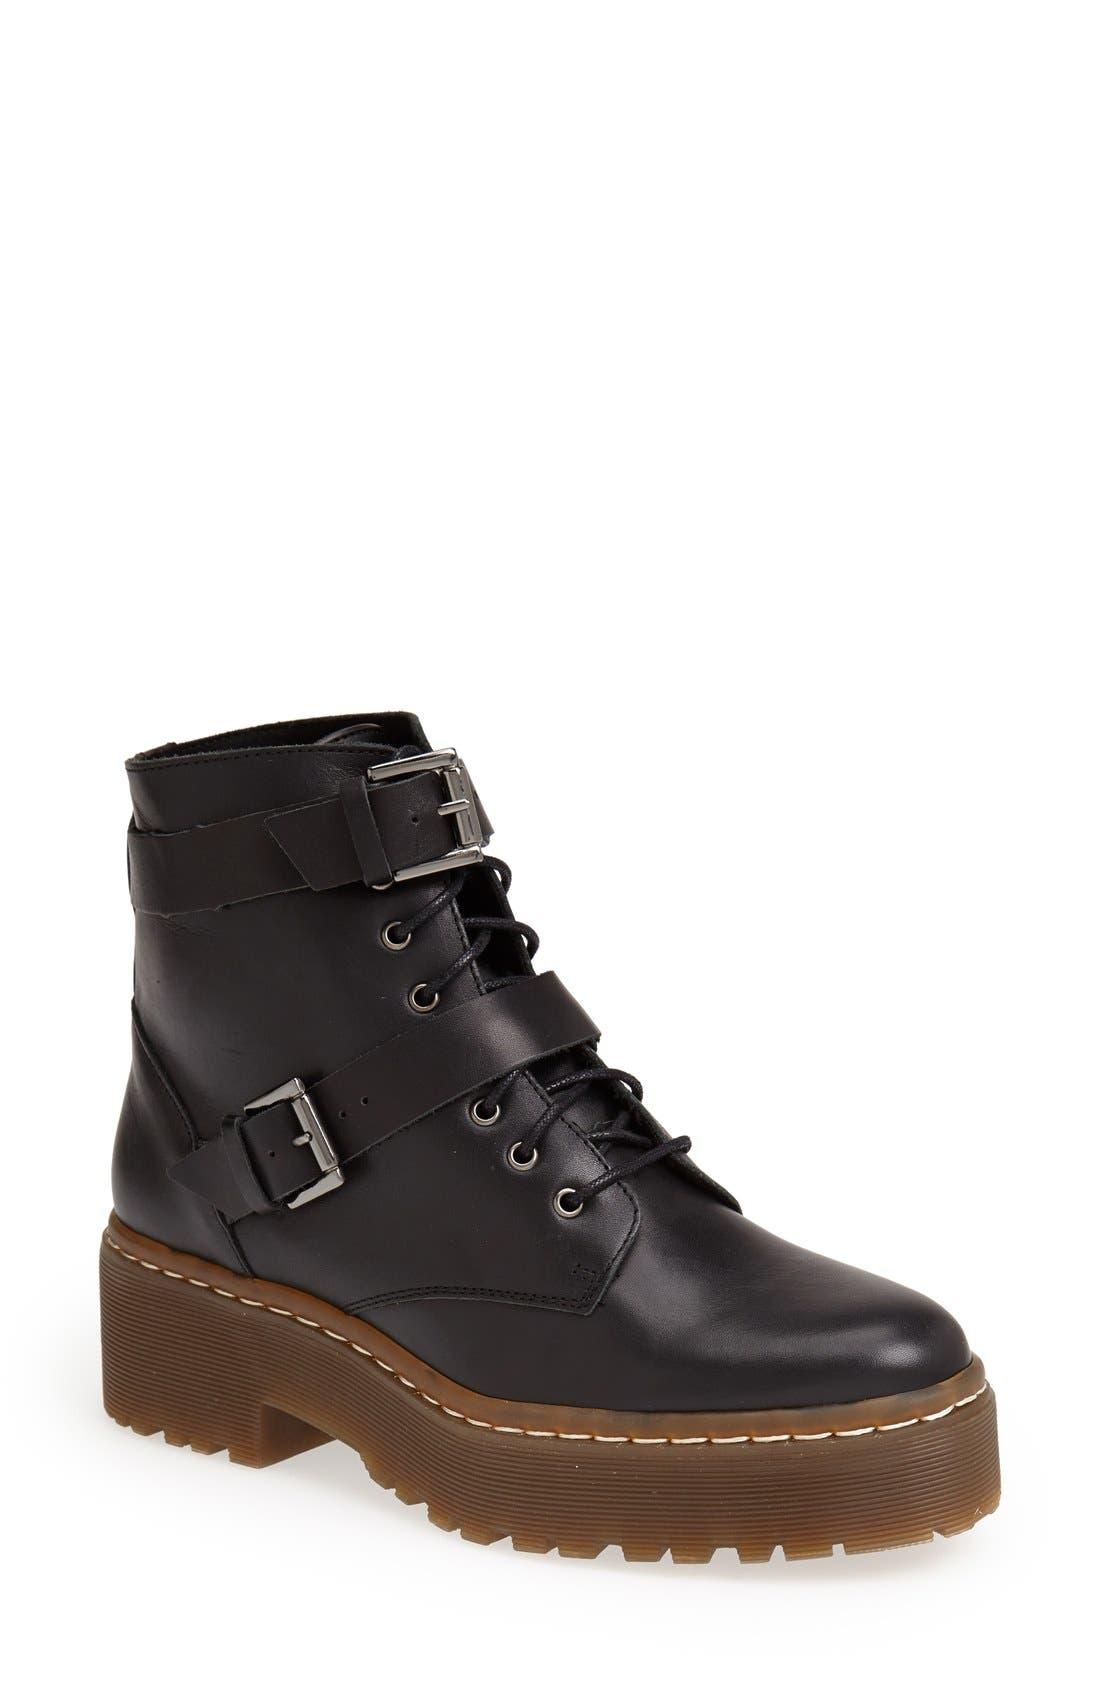 Main Image - Topshop 'Auction' Lace-Up Platform Boot (Women)